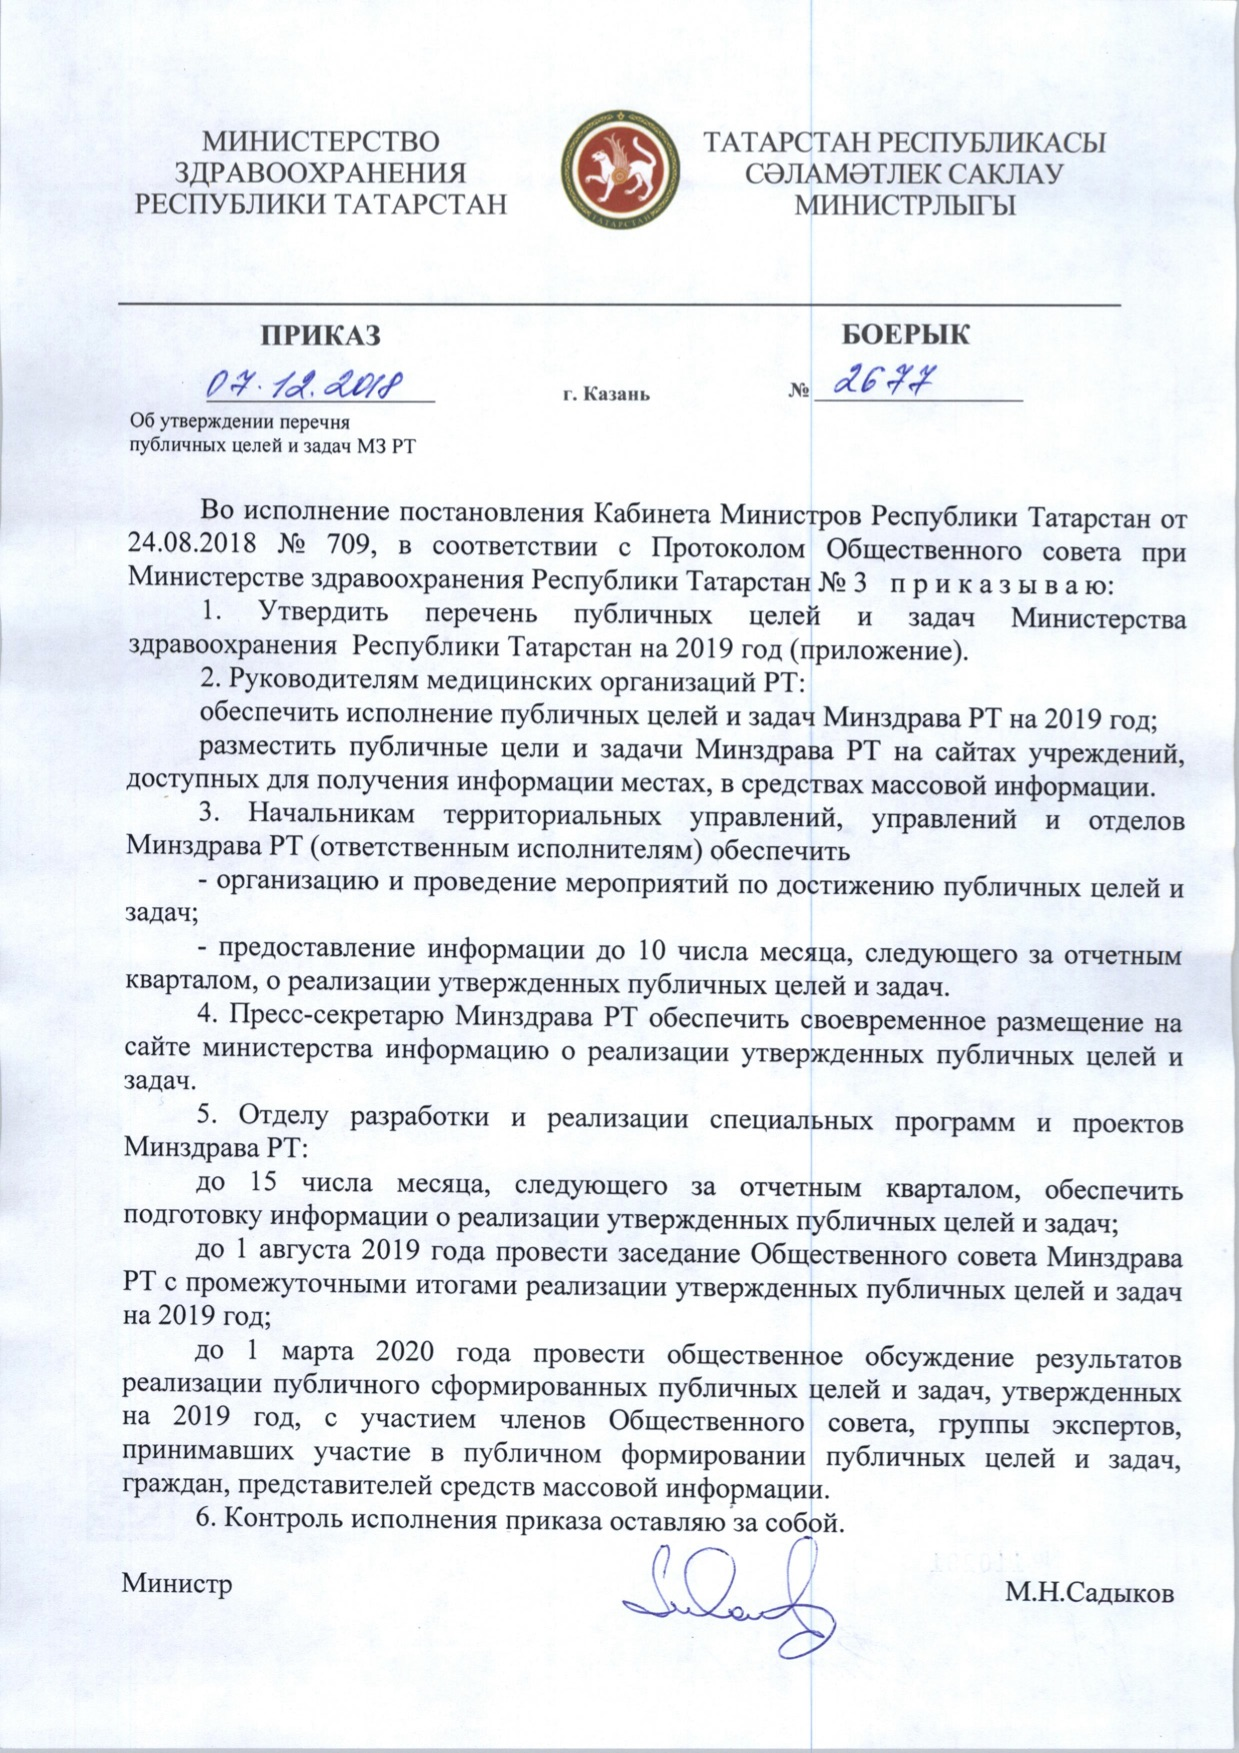 07.12.2018_2050_Sady'kov M.N._Mardanova E`.F-1